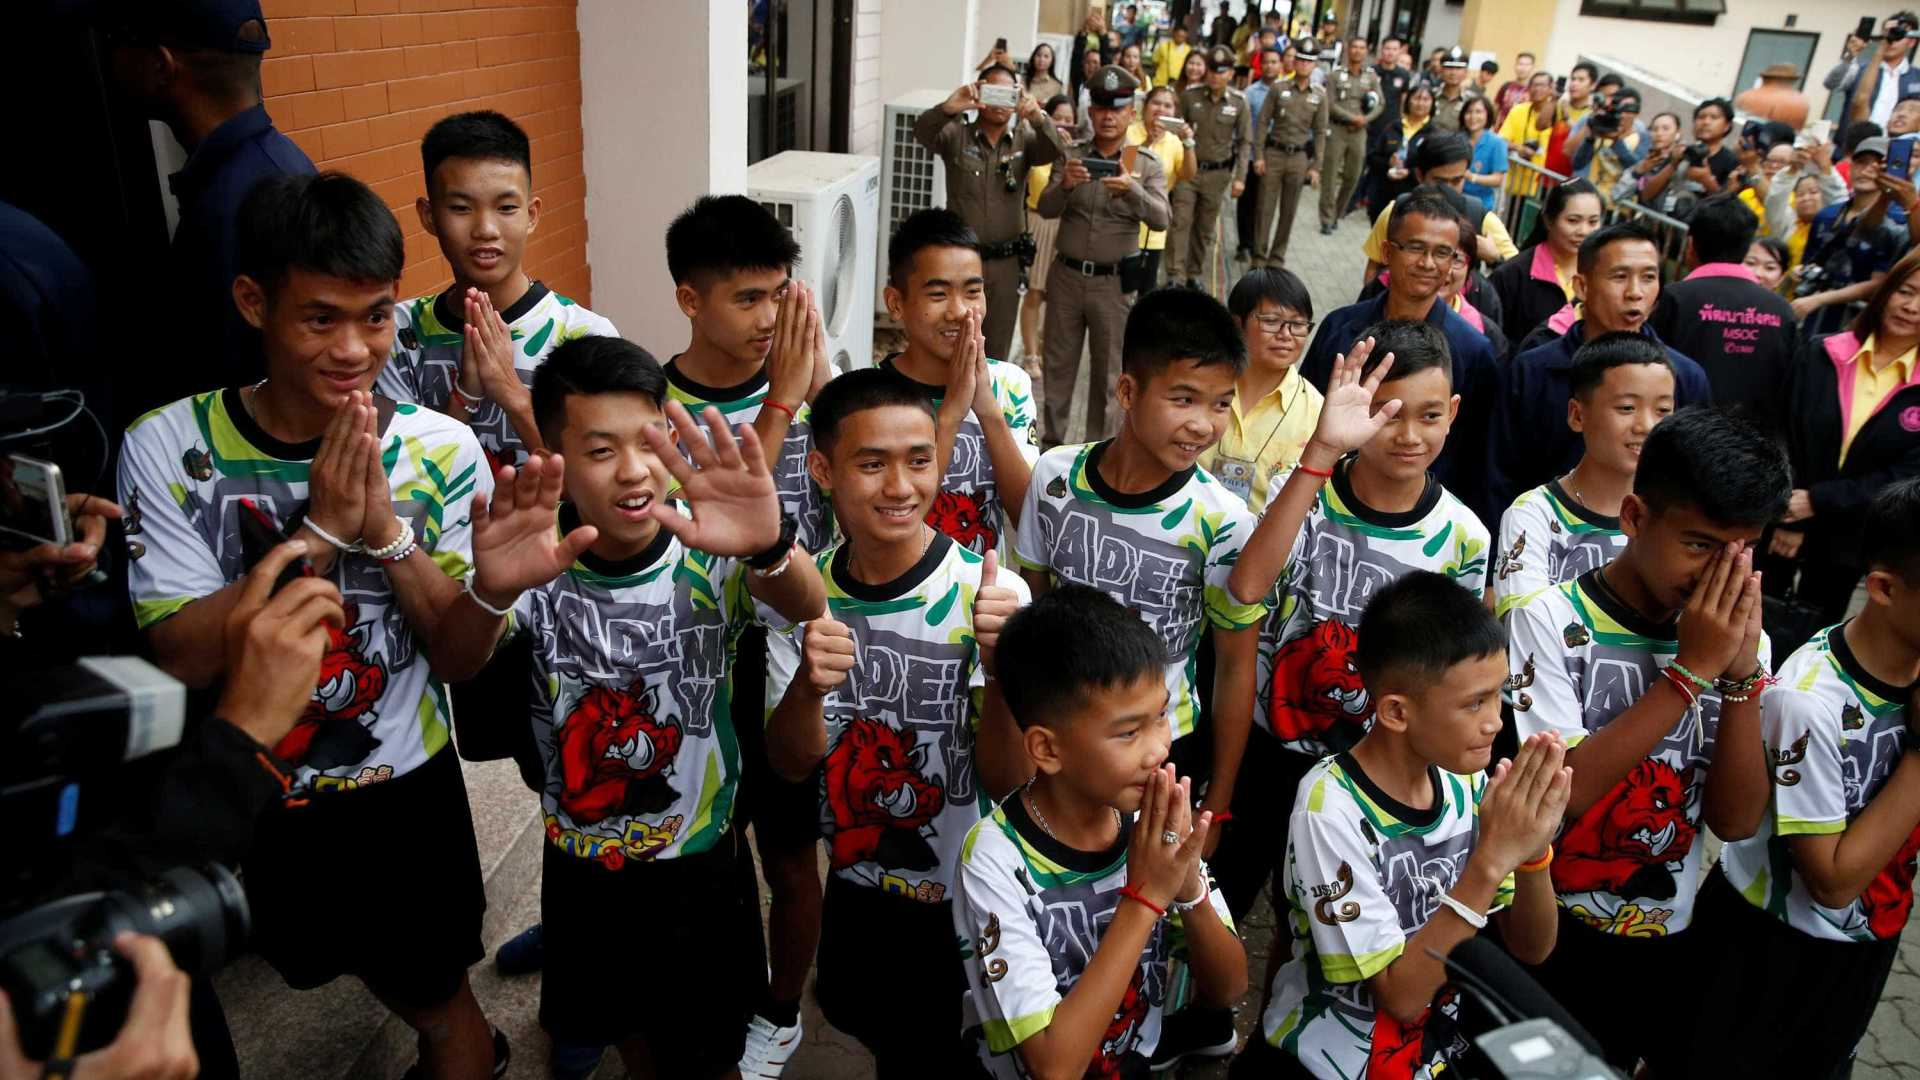 naom 5b4f27235ede6 - VEJA VÍDEO: Meninos tailandeses recebem alta e concedem 1ª entrevista coletiva